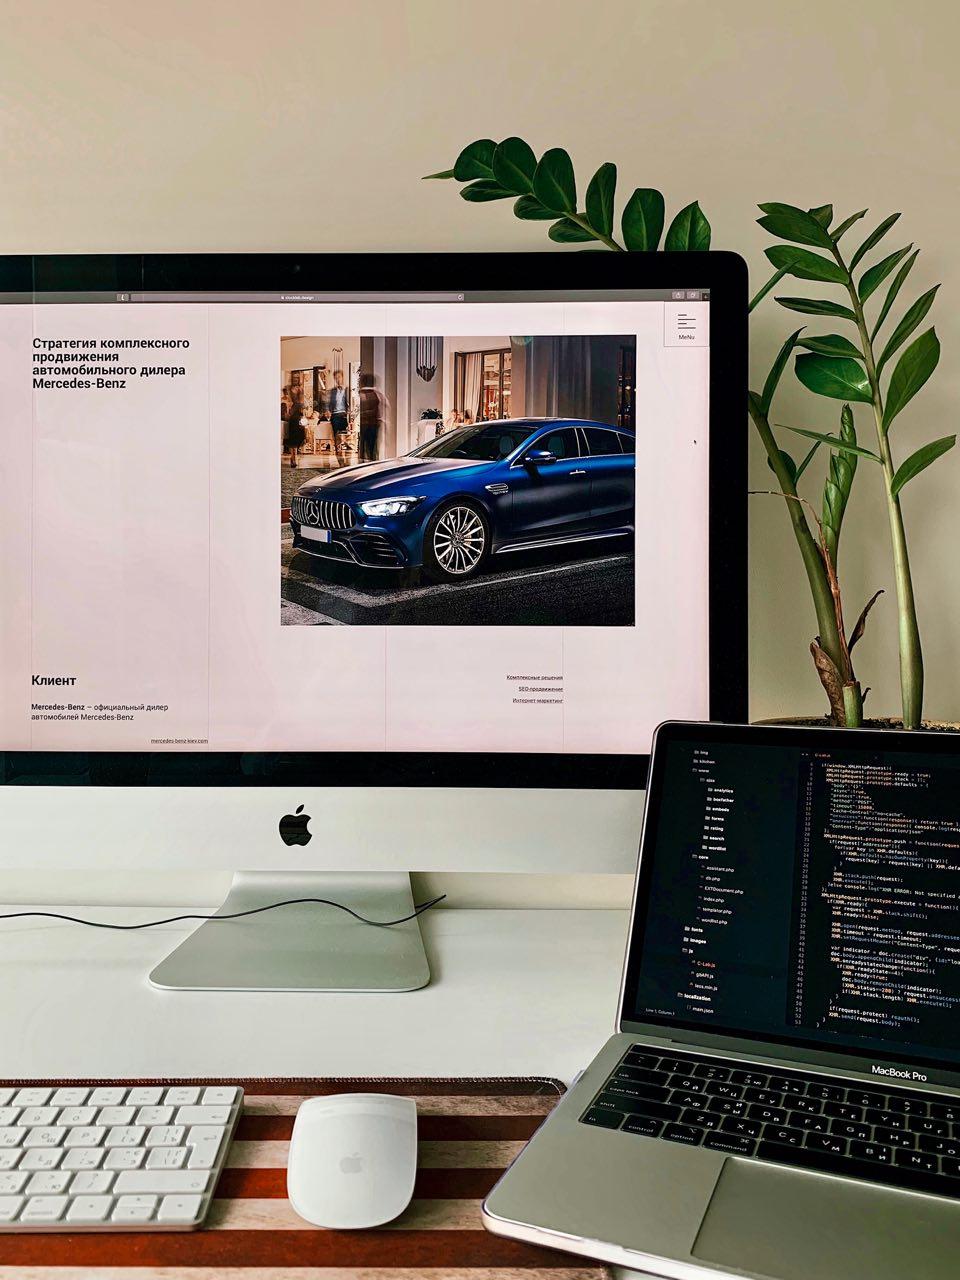 Продвижение в интернет. Шаблон или индивидуальная разработка дизайна - Блог